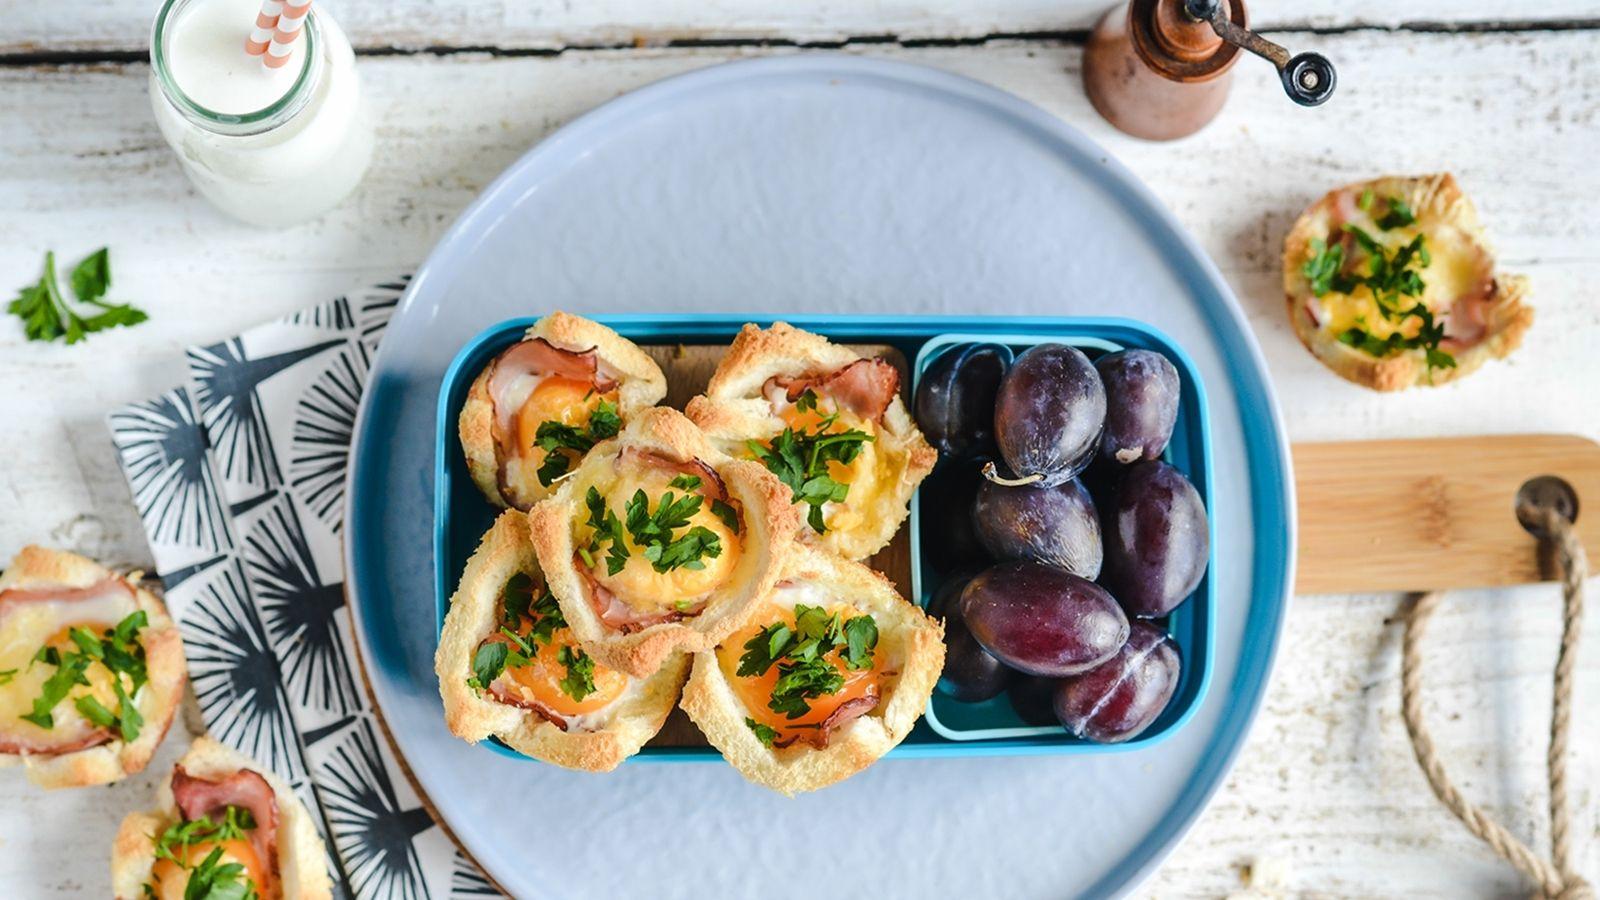 Kanapkowe muffinki z jajkiem sadzonym